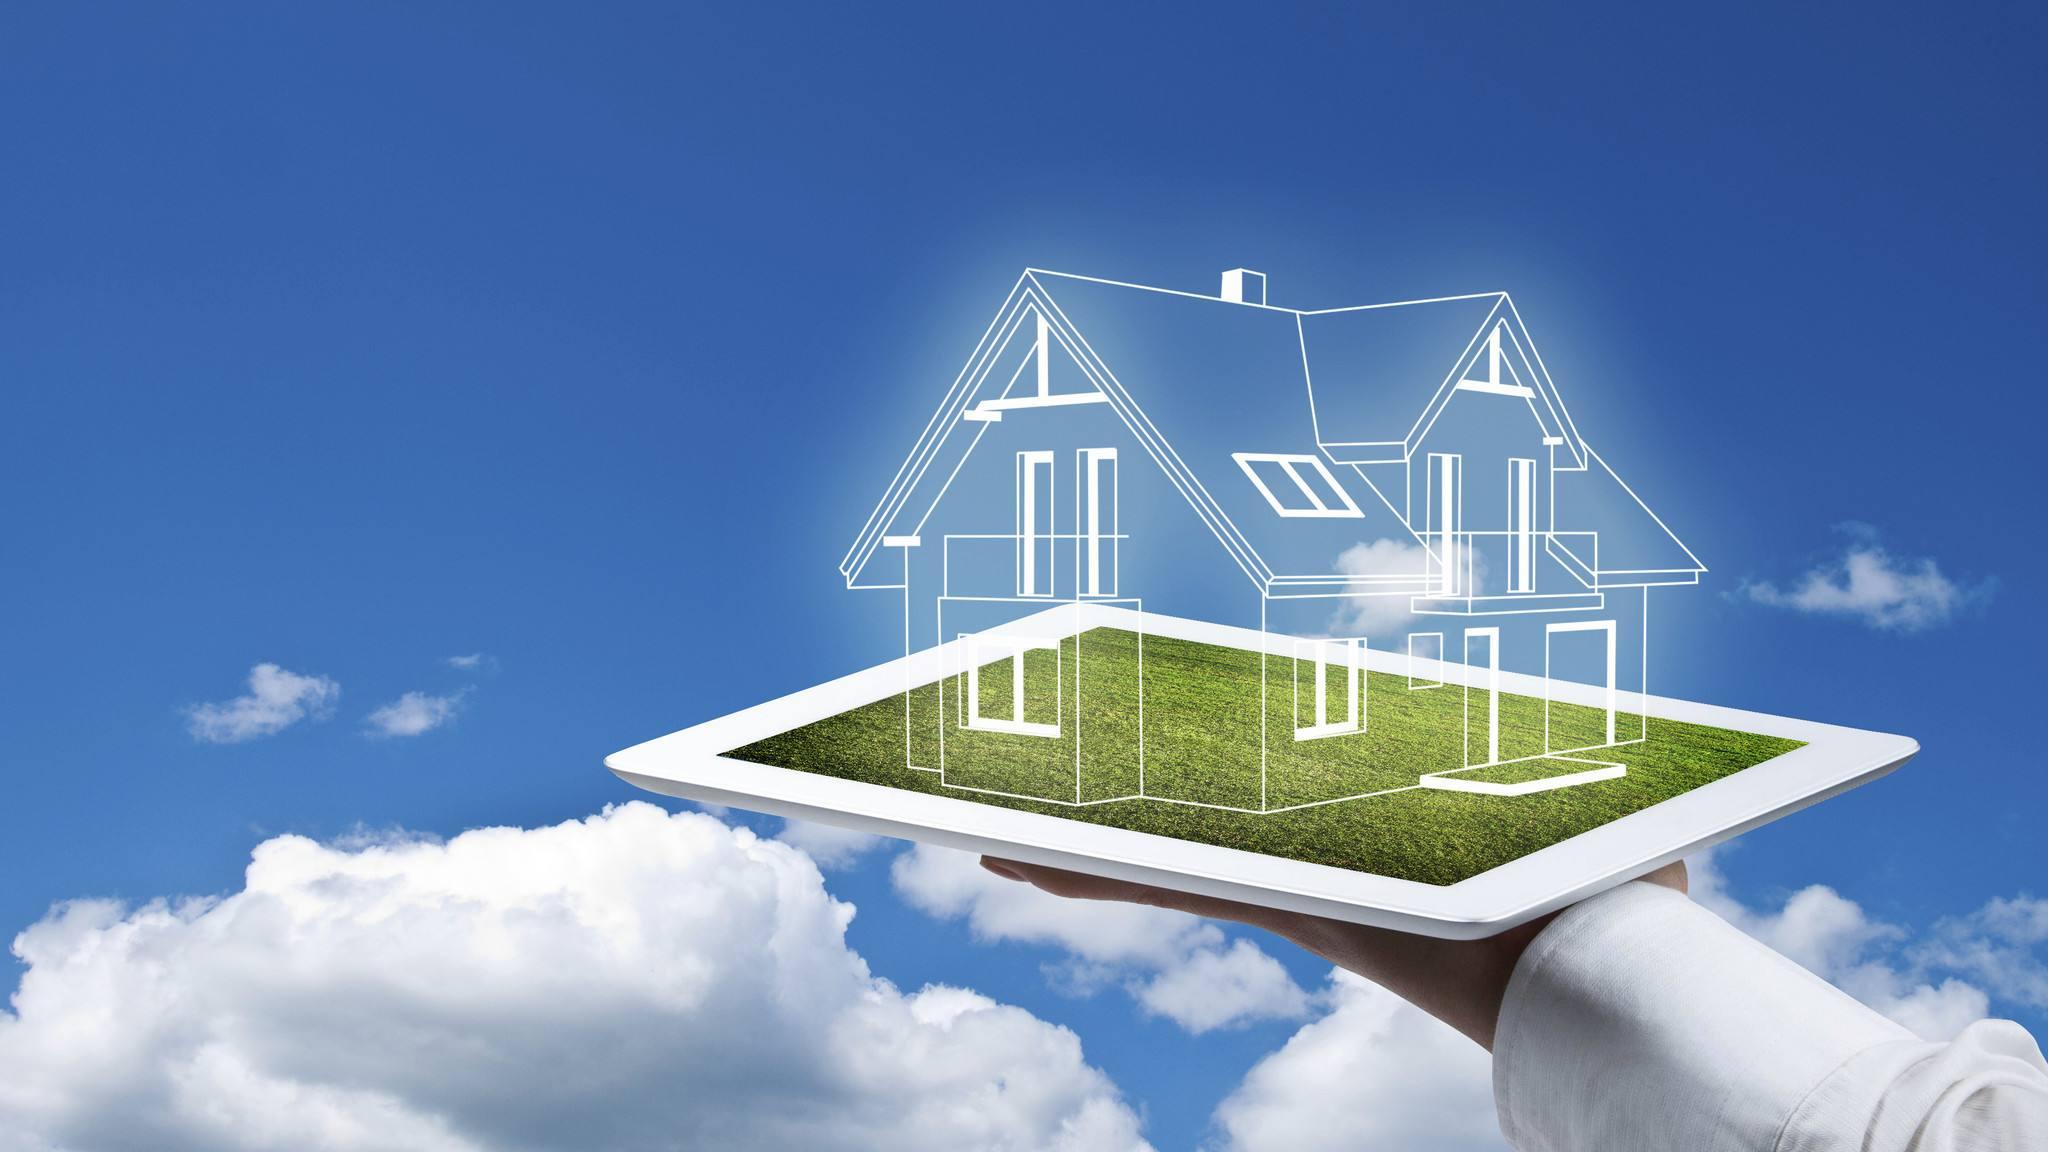 土地市场数据爆表 房价前景左右为难